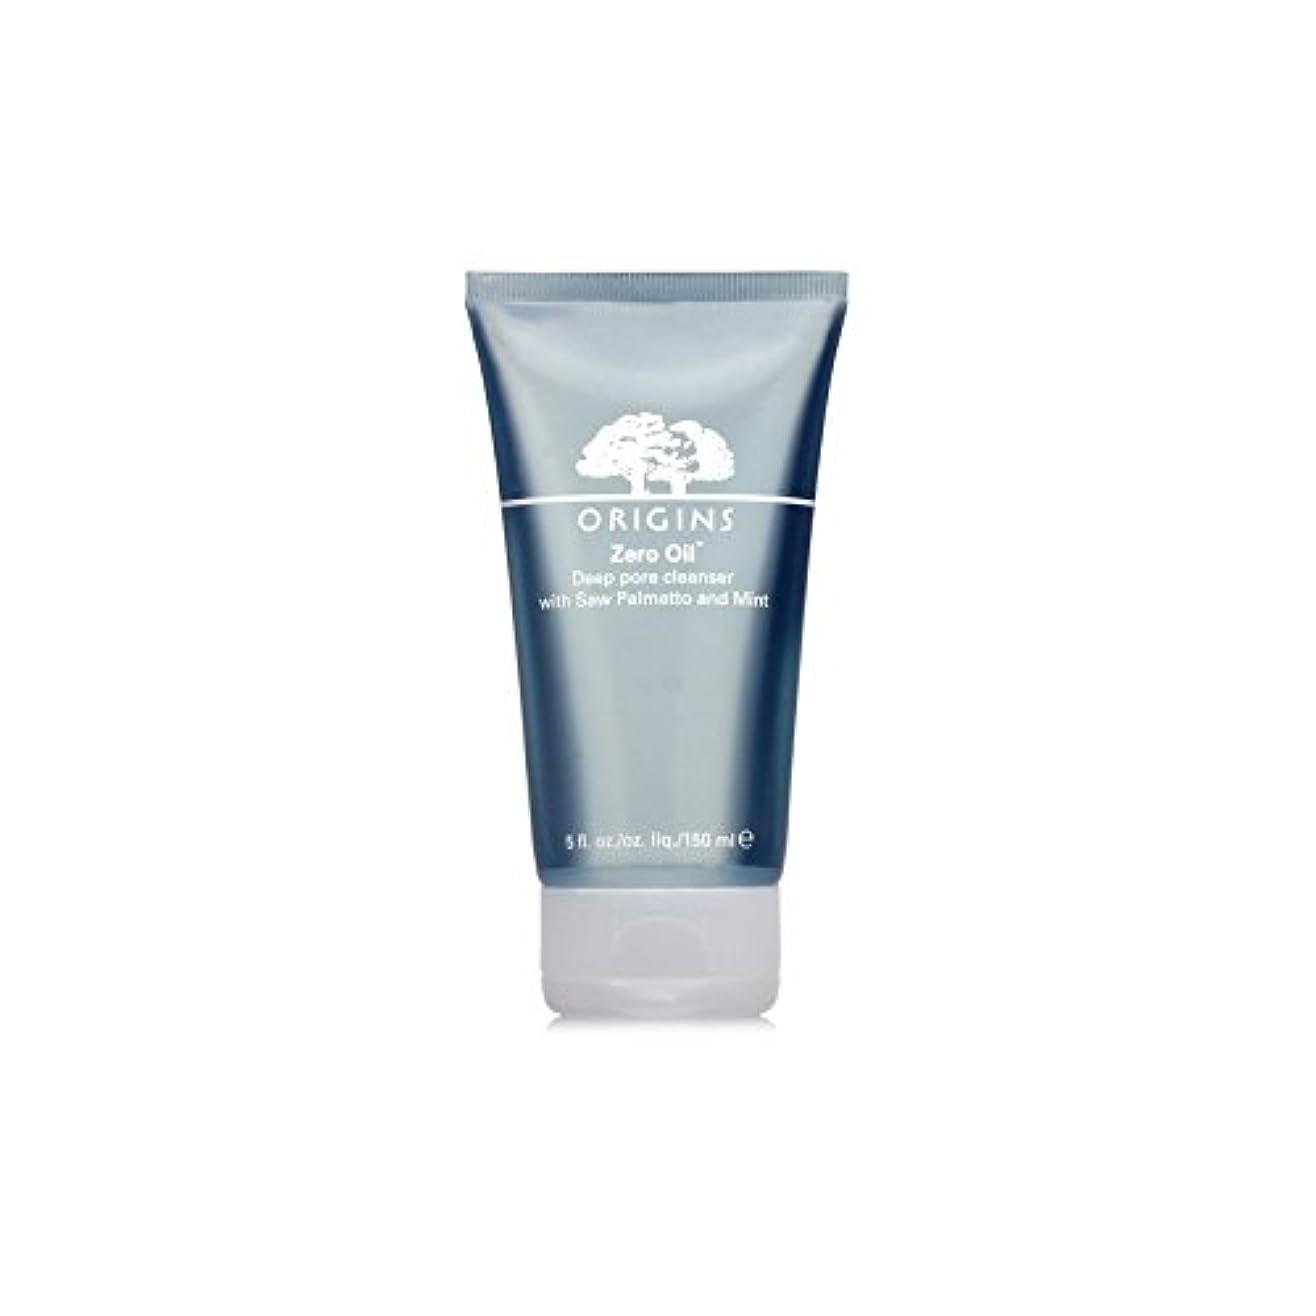 入射自体吸うOrigins Zero Oil Deep Pore Cleanser With Saw Palmetto & Mint 150ml (Pack of 6) - ノコギリヤシ&ミント150ミリリットルとの起源ゼロ油深いポアクレンザー...